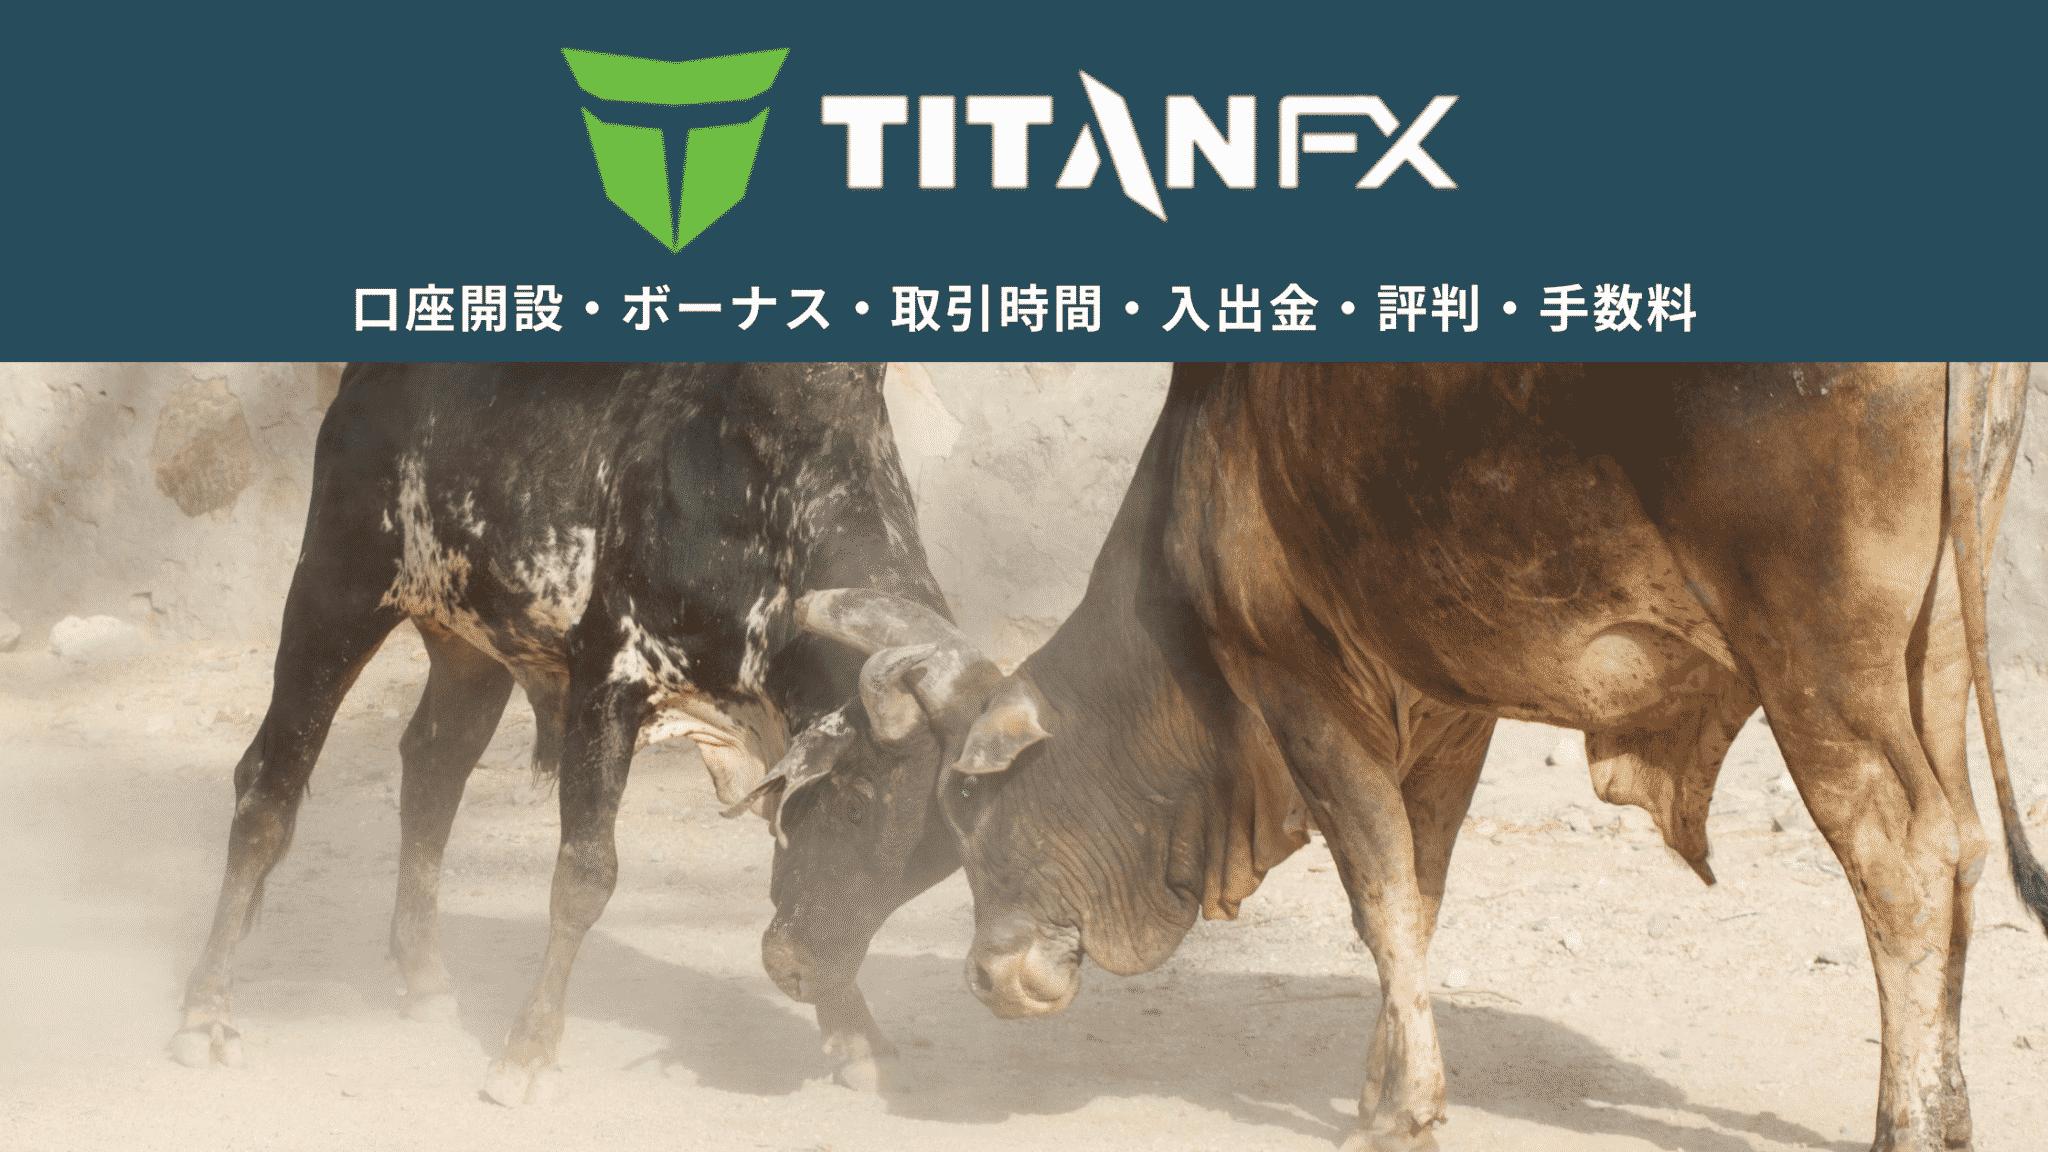 TitanFX|口座開設・ボーナス・取引時間・入出金・評判・手数料